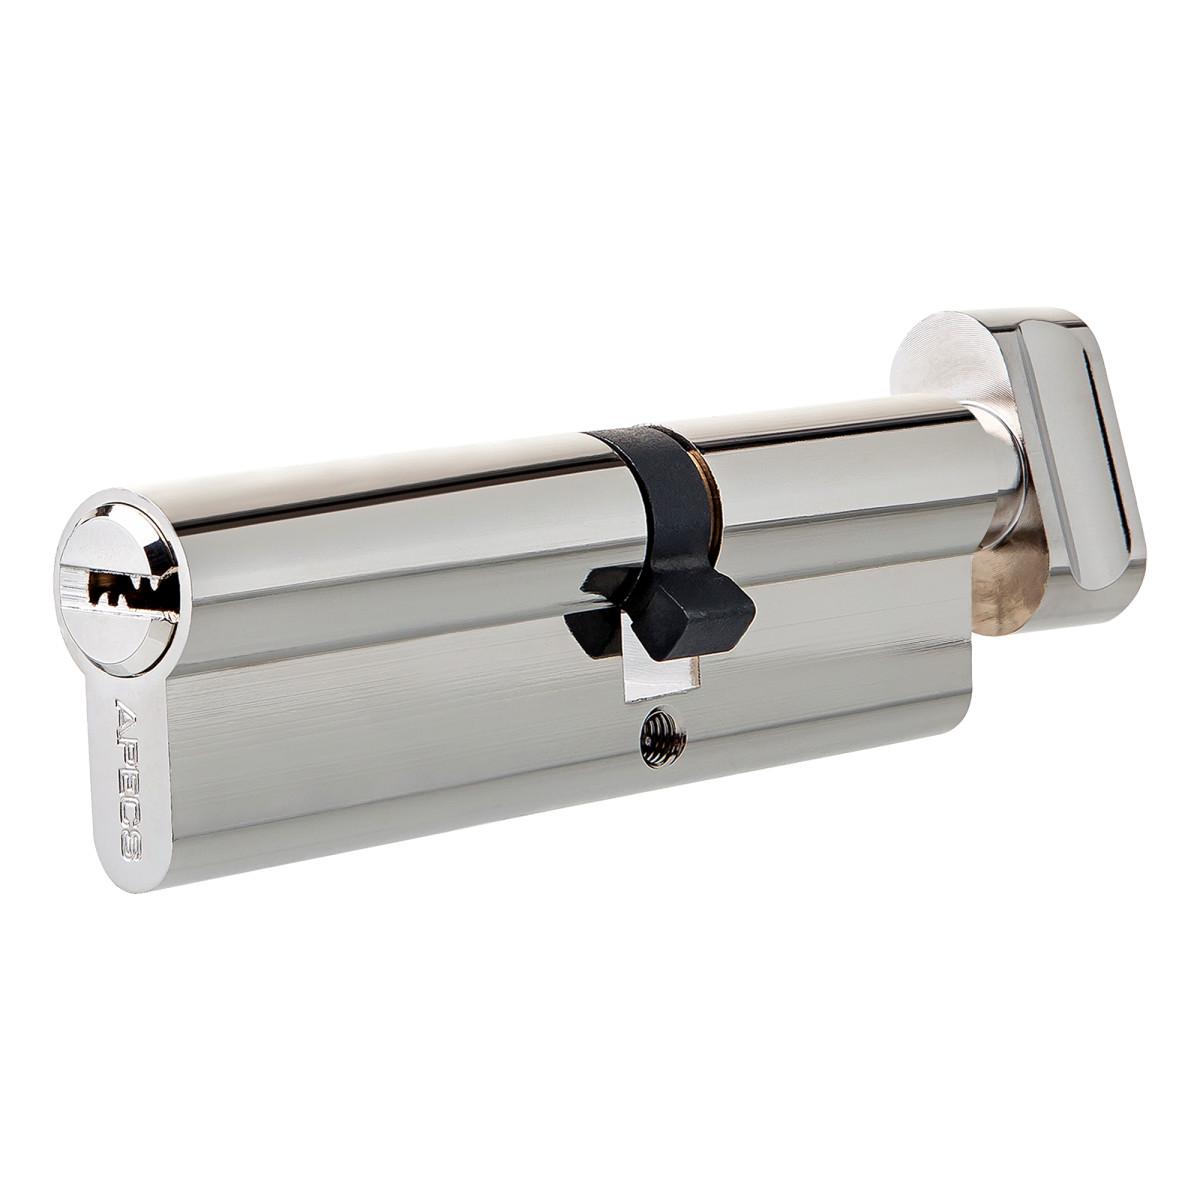 Цилиндр Apecs Sm-85(35c/50)-C-Ni 35x50 Ключ/Вертушка Цвет Никель